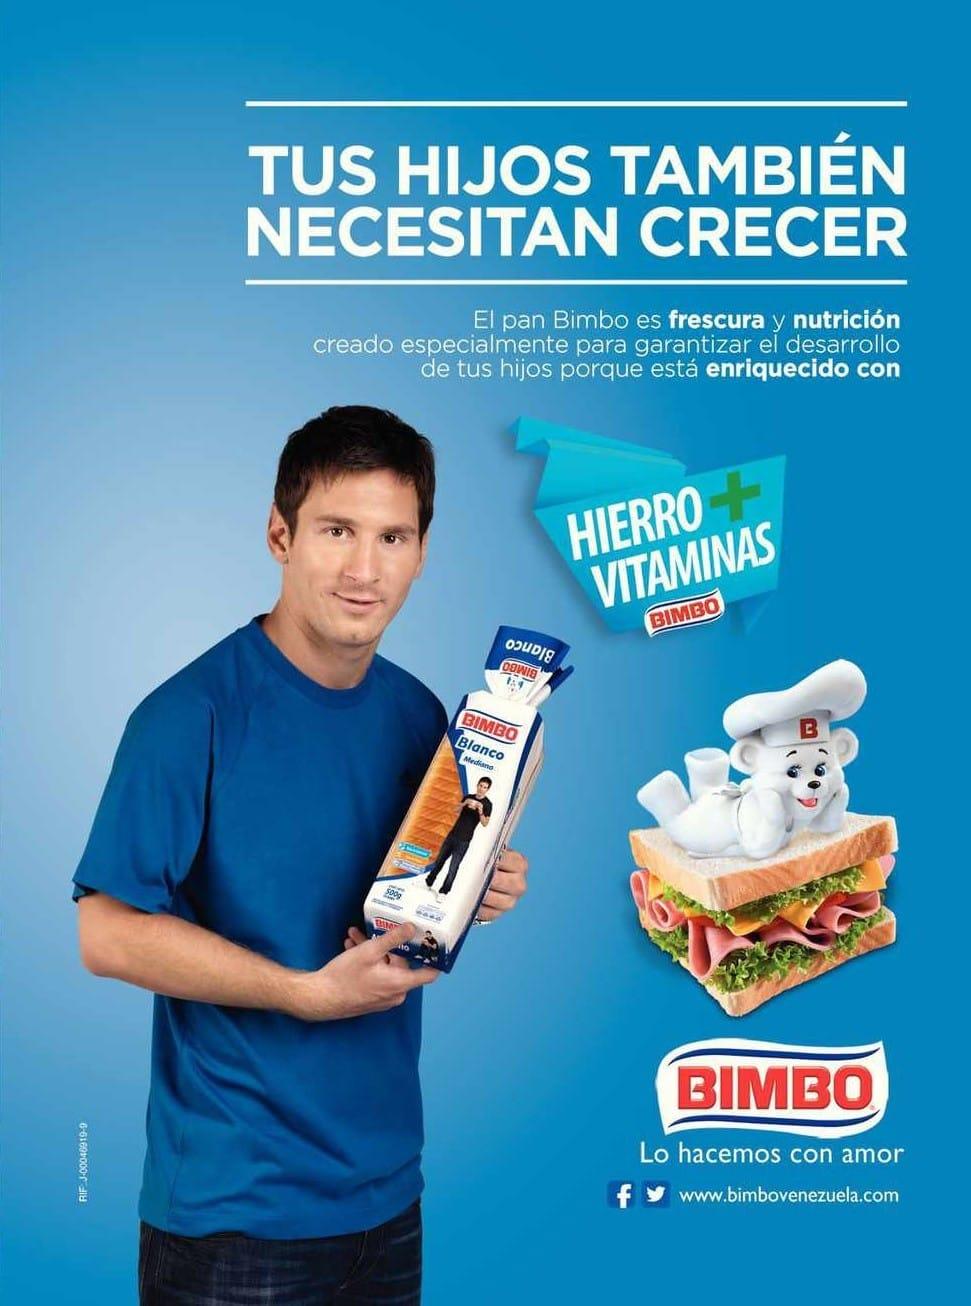 Messi se convierte en el futbolista que más dinero ingresa por publicidad en 2013